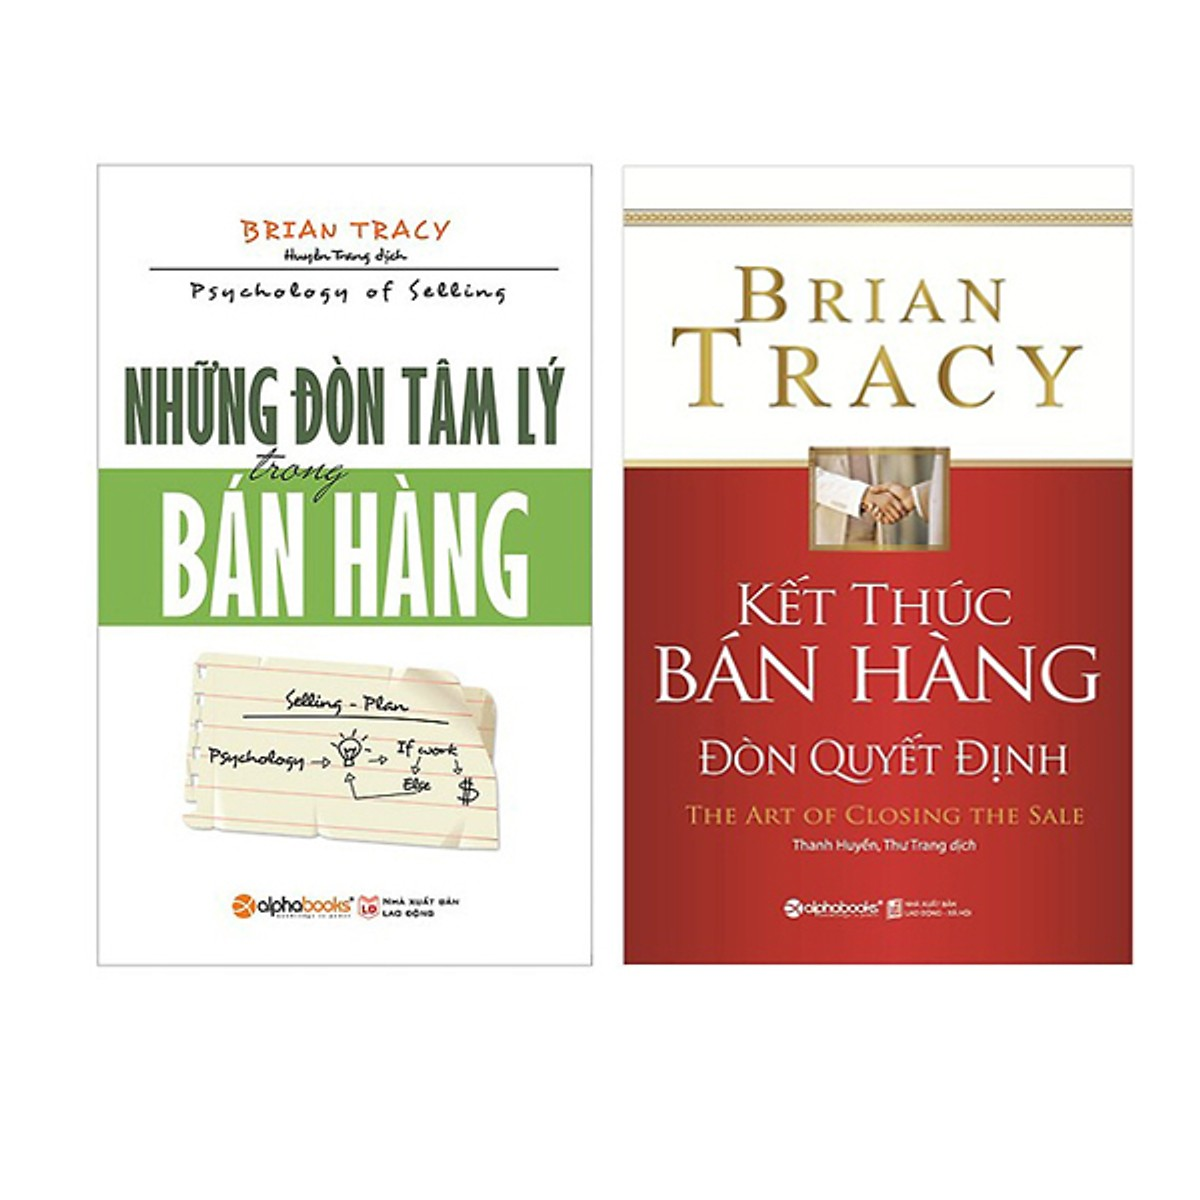 Nghệ Thuật Bán Hàng Đỉnh Cao Của Brian Tracy ( Những Đòn Tâm Lý Trong Bán Hàng + Kết Thúc Bán Hàng Đòn Quyết Định ) Tặng Boookmark Tuyệt Đẹp